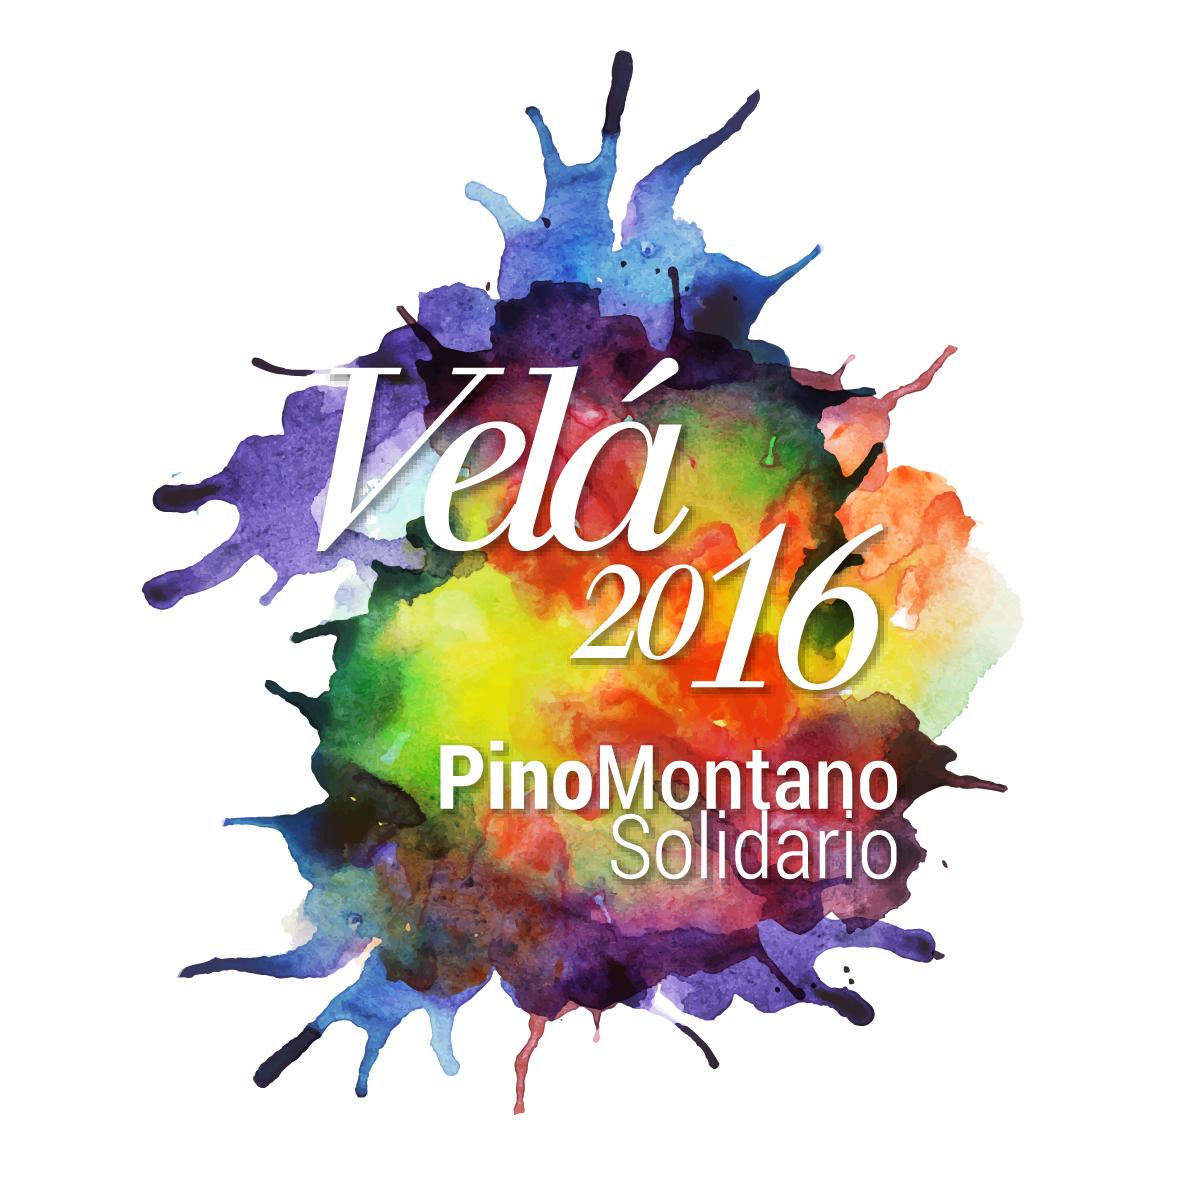 Velá Solidaria / Concurso Cartel Velá Solidaria Pino Montano 2016